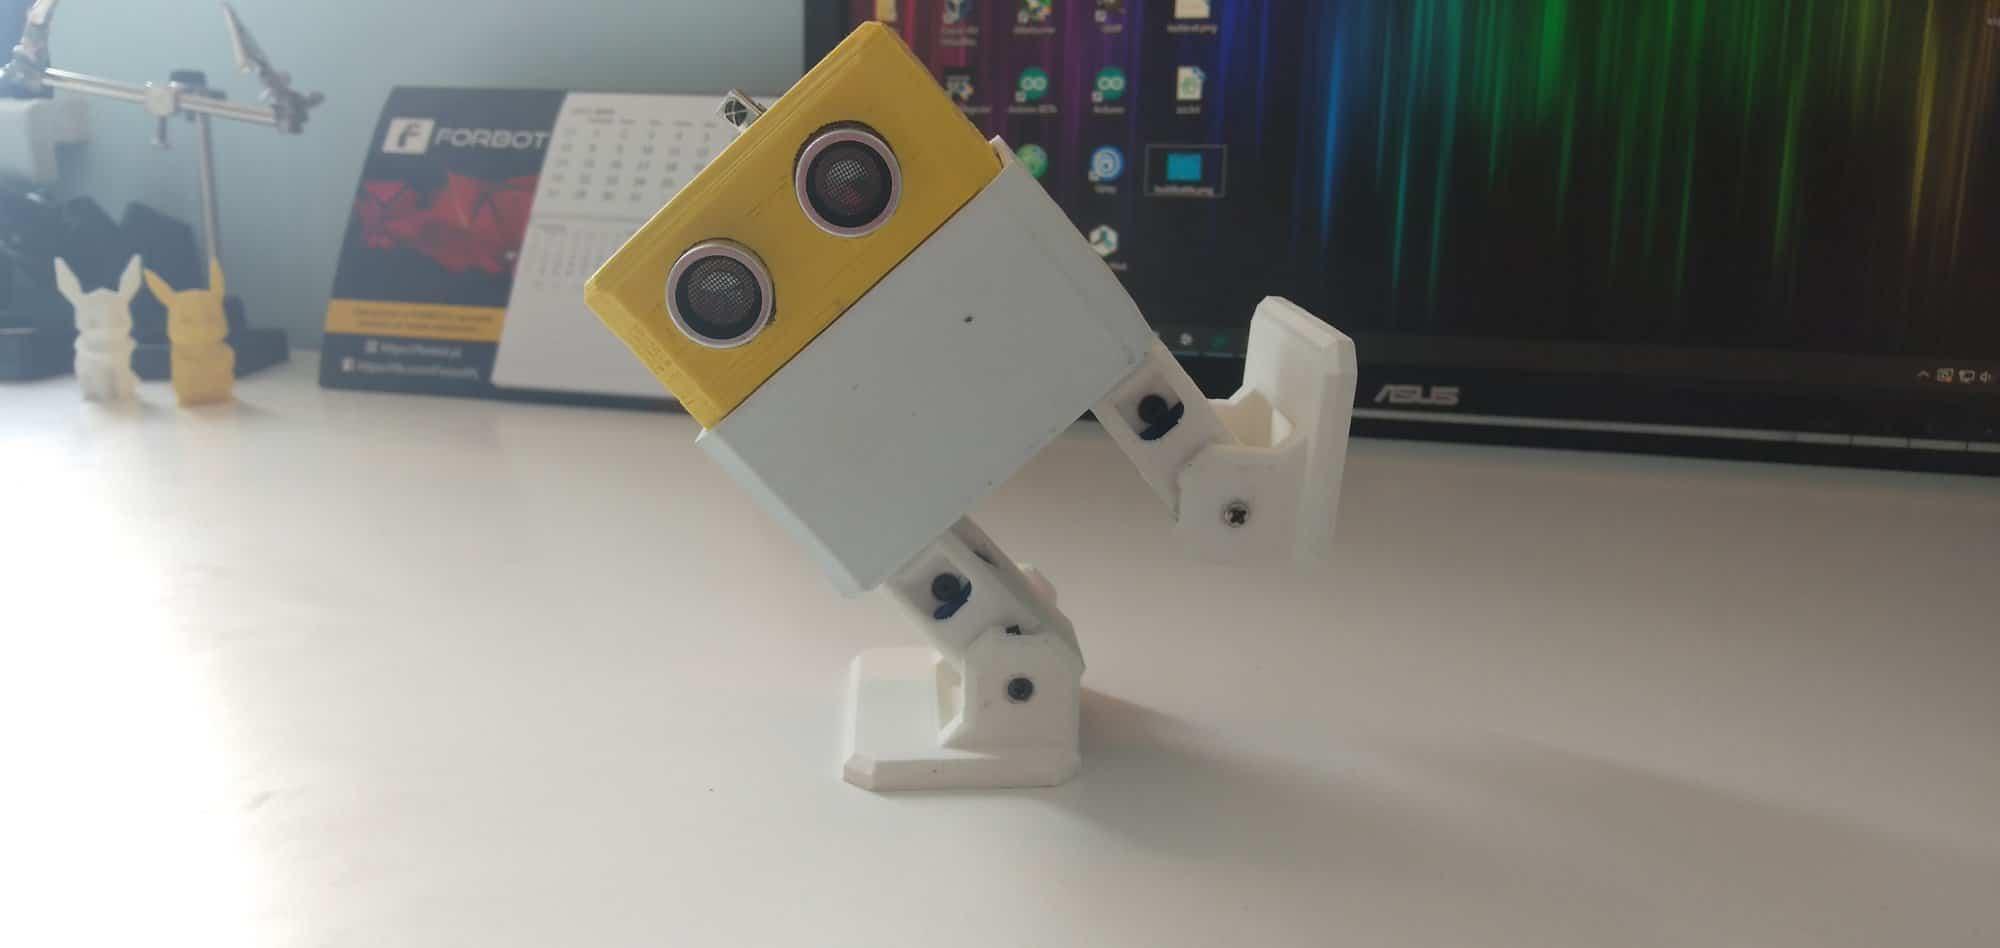 Robot pubga v1.0- czyli otto diy po mojemu